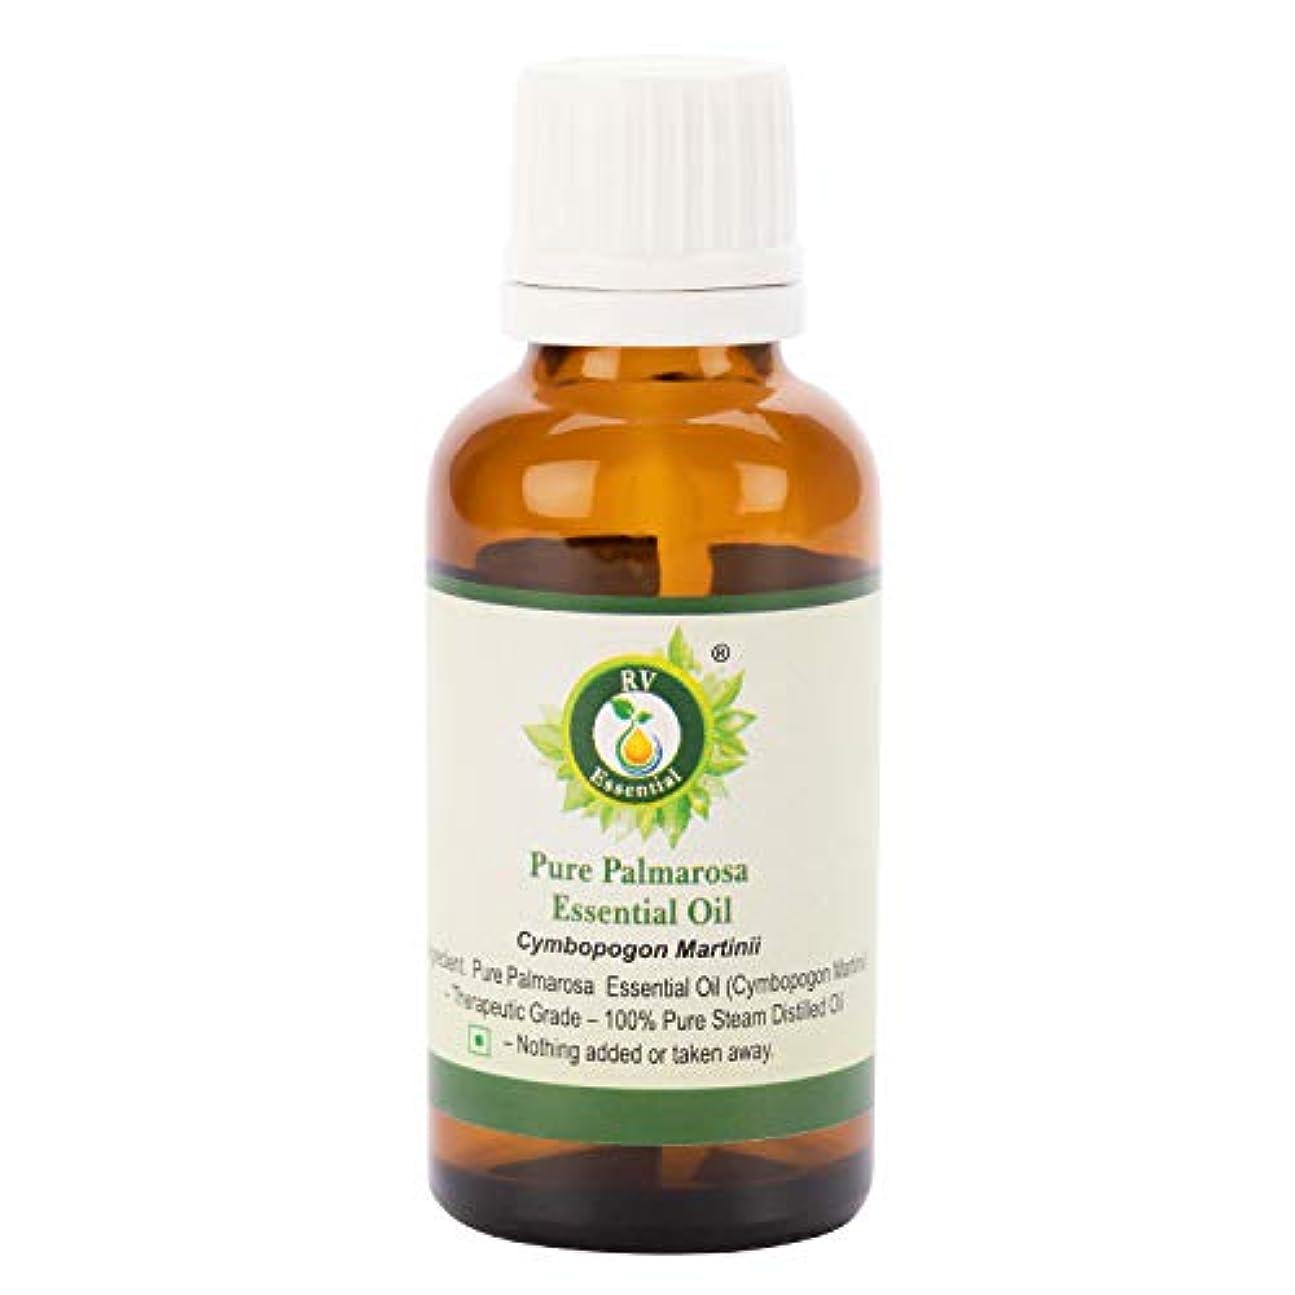 マークポップシャワーピュアパルマローザエッセンシャルオイル5ml (0.169oz)- Cymbopogon Martinii (100%純粋&天然スチームDistilled) Pure Palmarosa Essential Oil